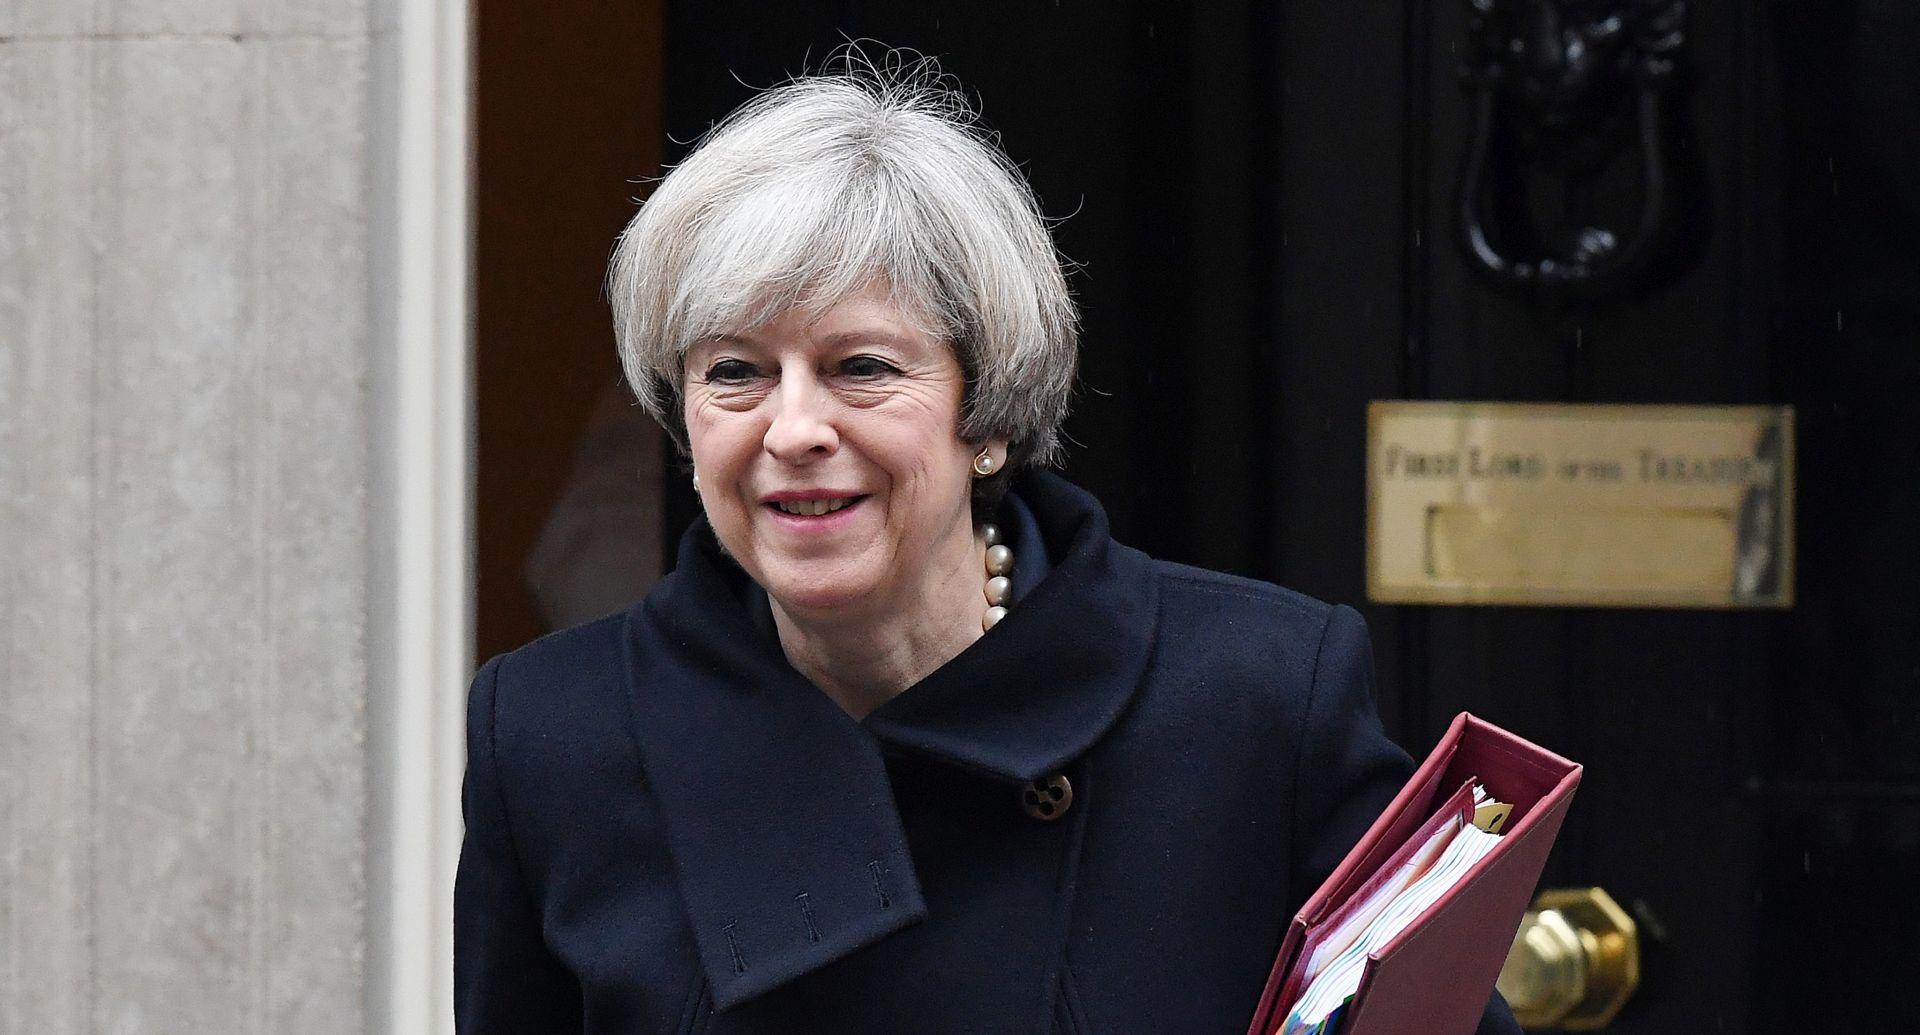 POVIJESNO GLASANJE O BREXITU Britanski parlament glasao za usvajanje članka 50